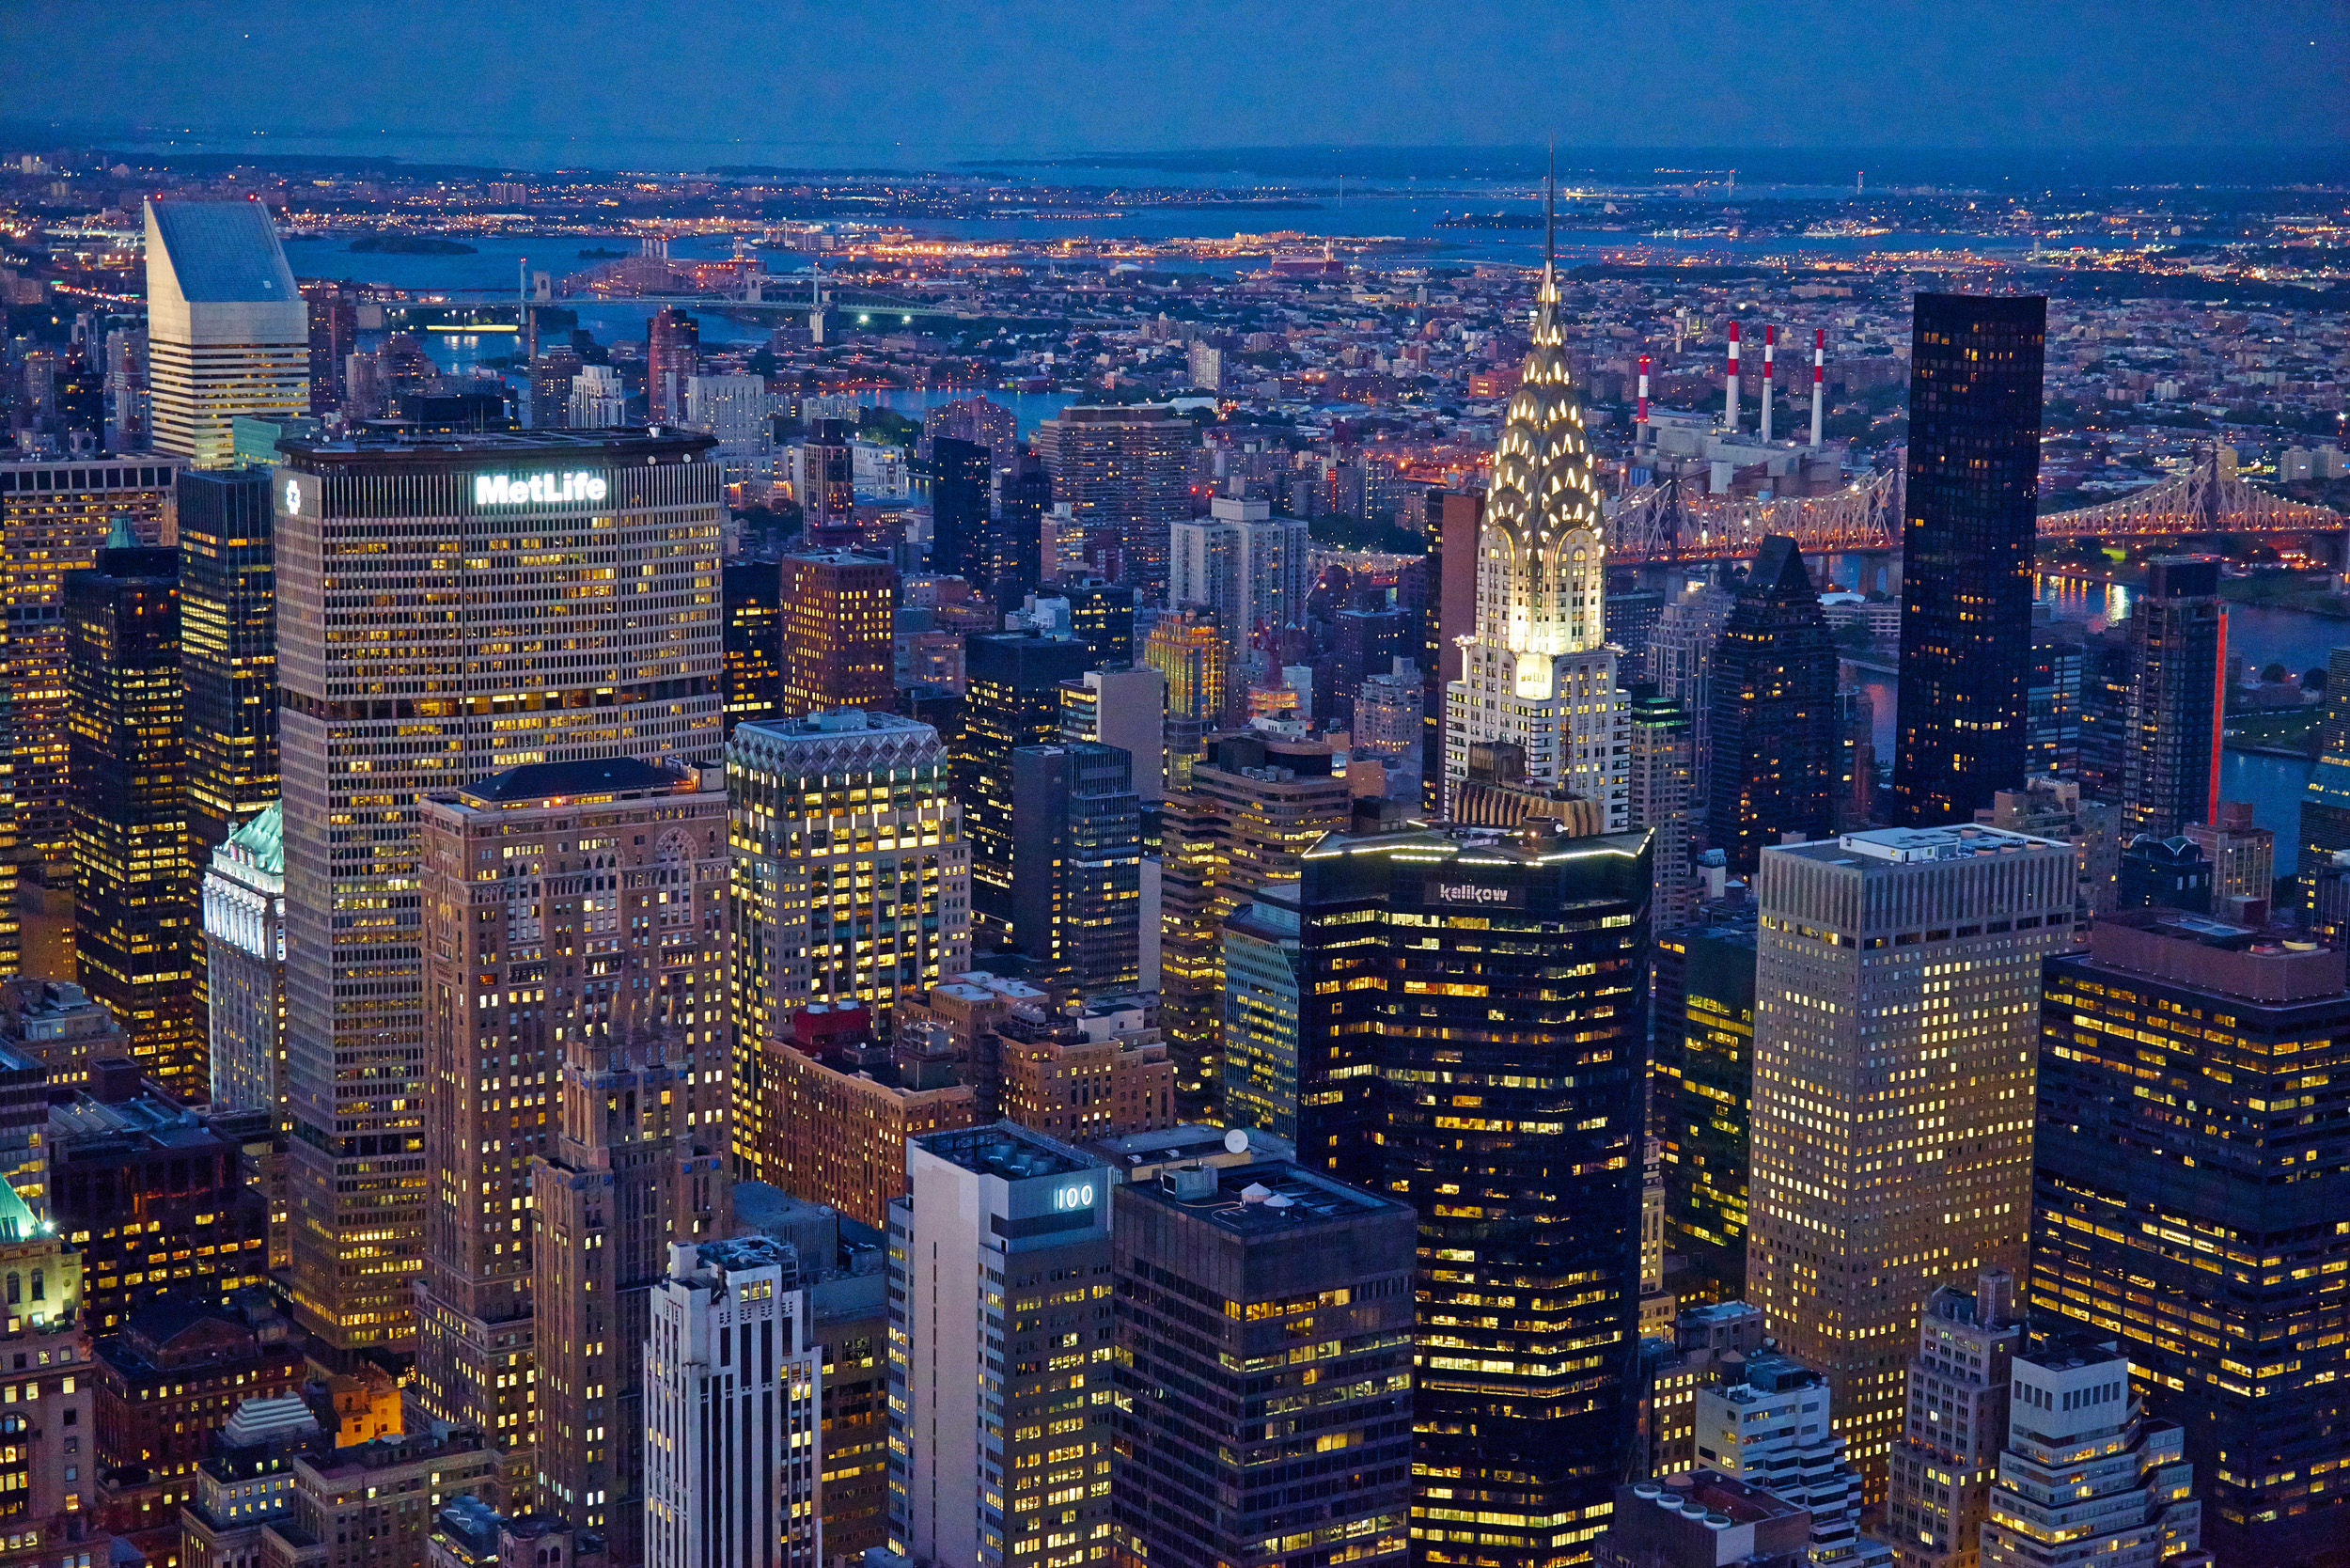 NY Night #2